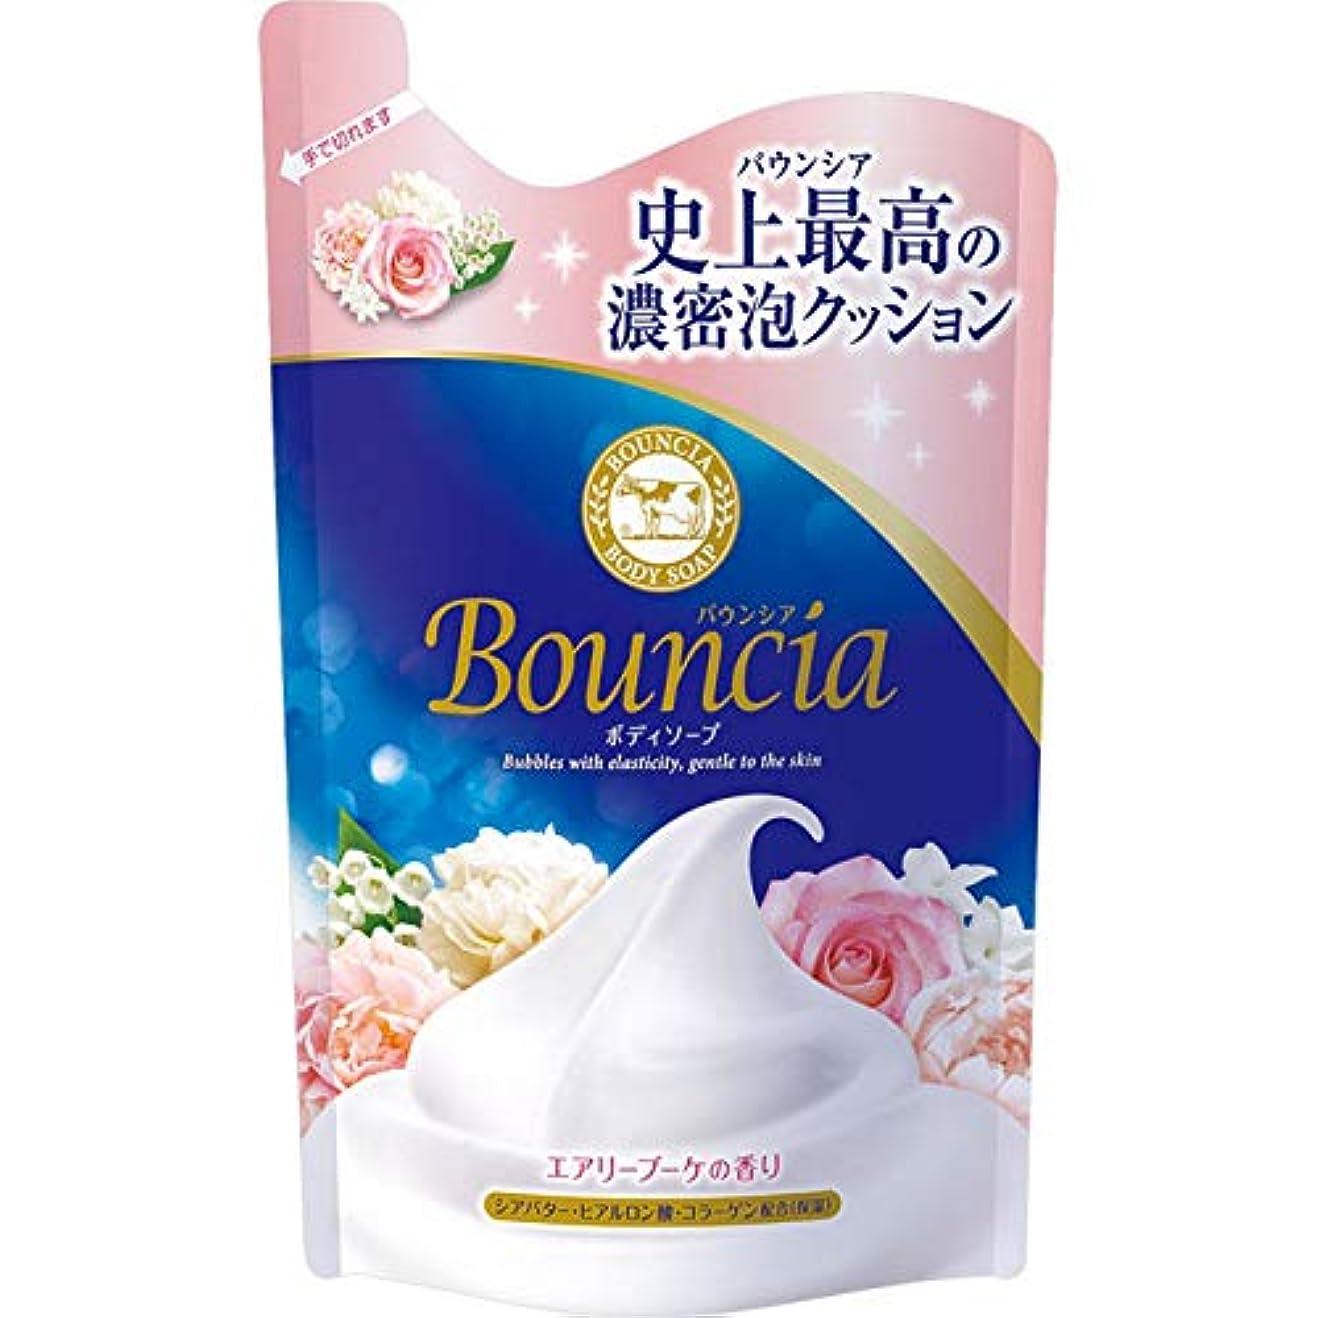 栄光小麦粉円形のバウンシアボディソープ エアリーブーケの香り 詰替用?400mL × 4個セット